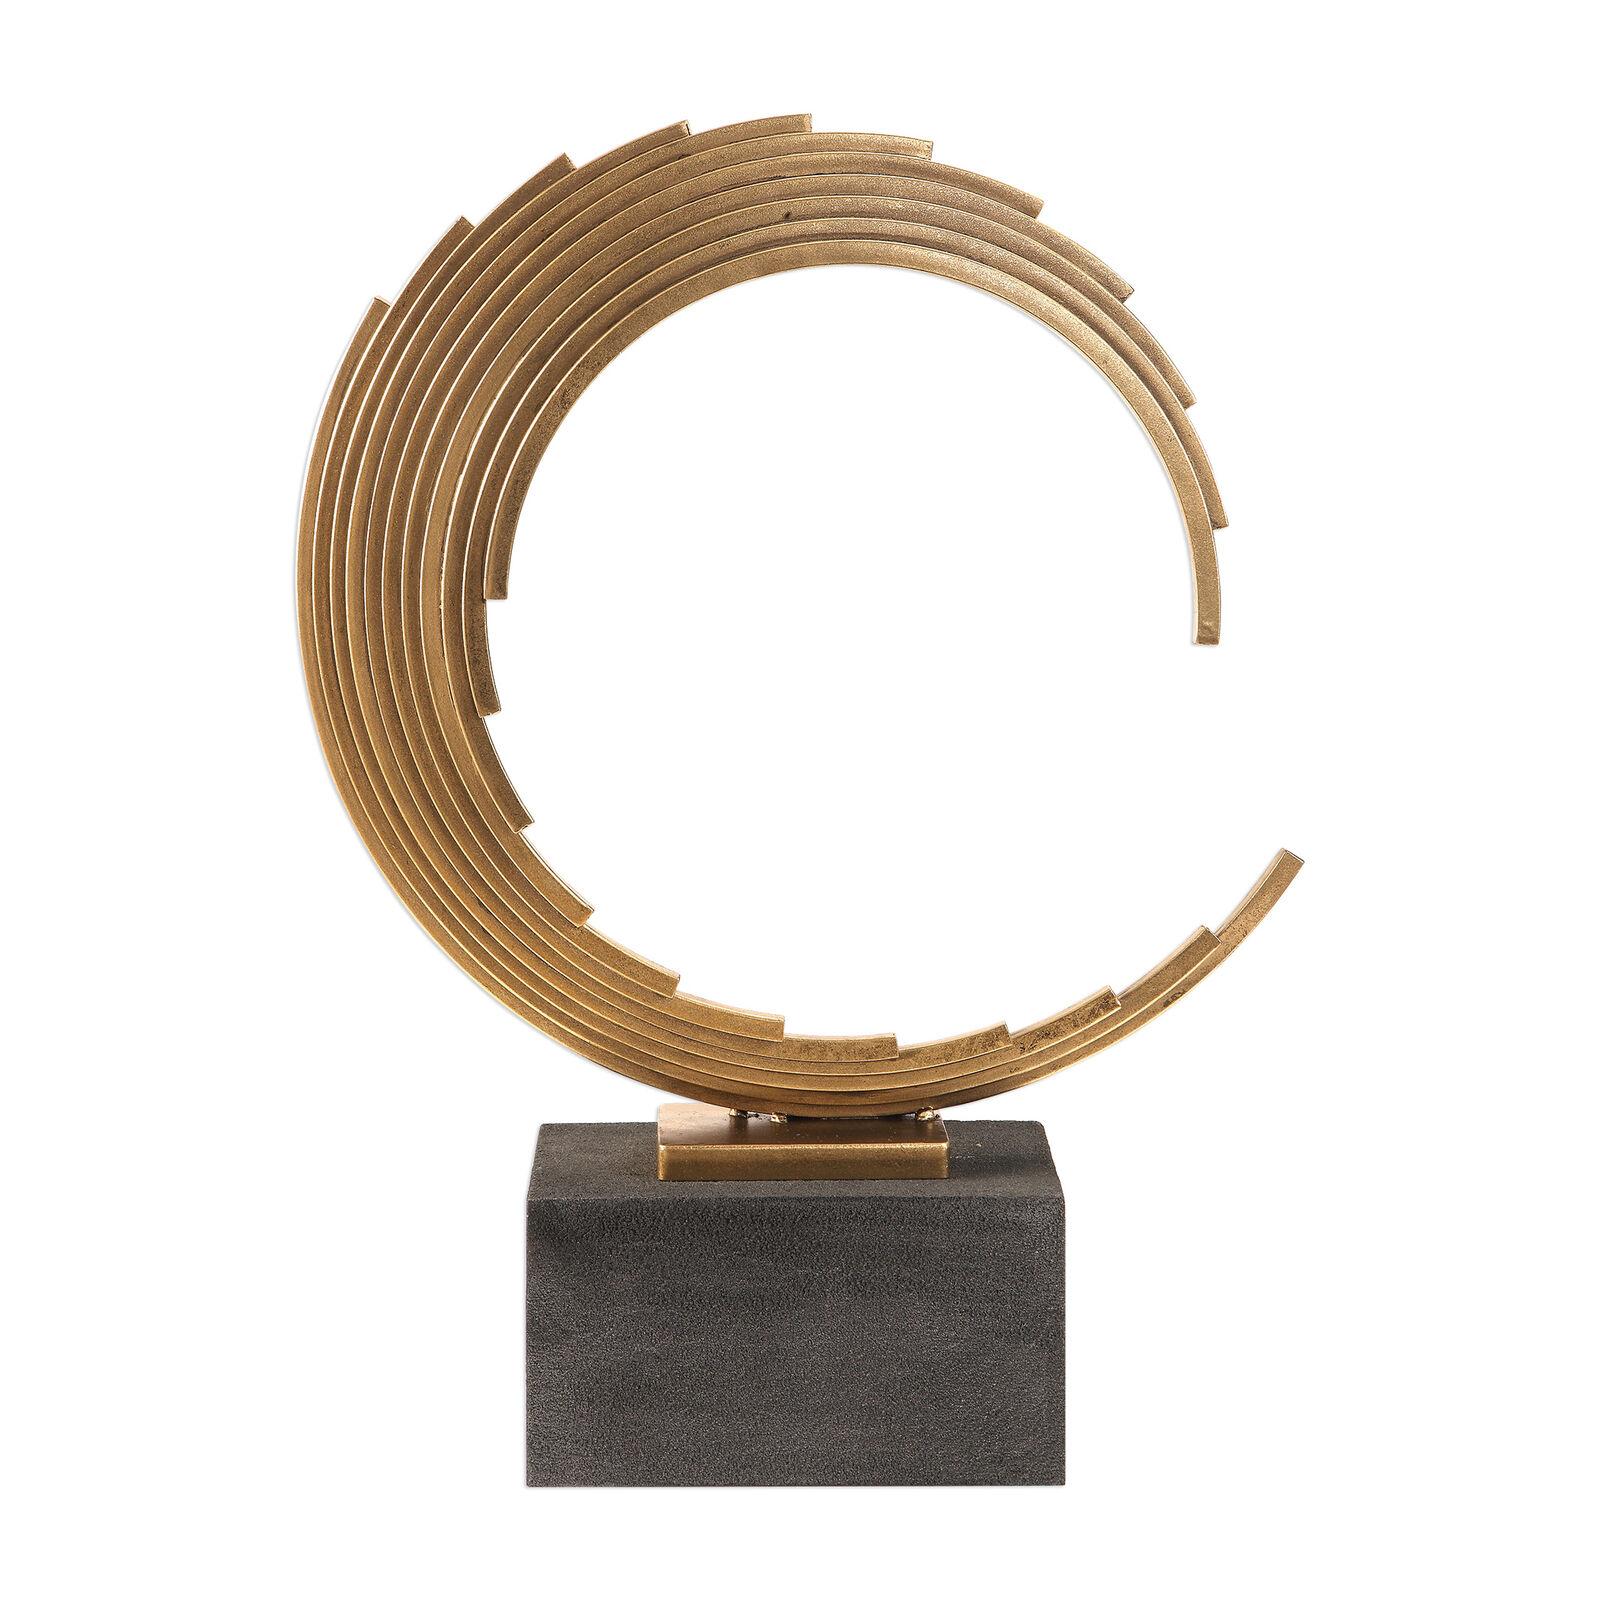 Moderno Abstracto Escultura De Hierro Onda De oro   Curvo rojoondo Círculo estatua de Base Negra